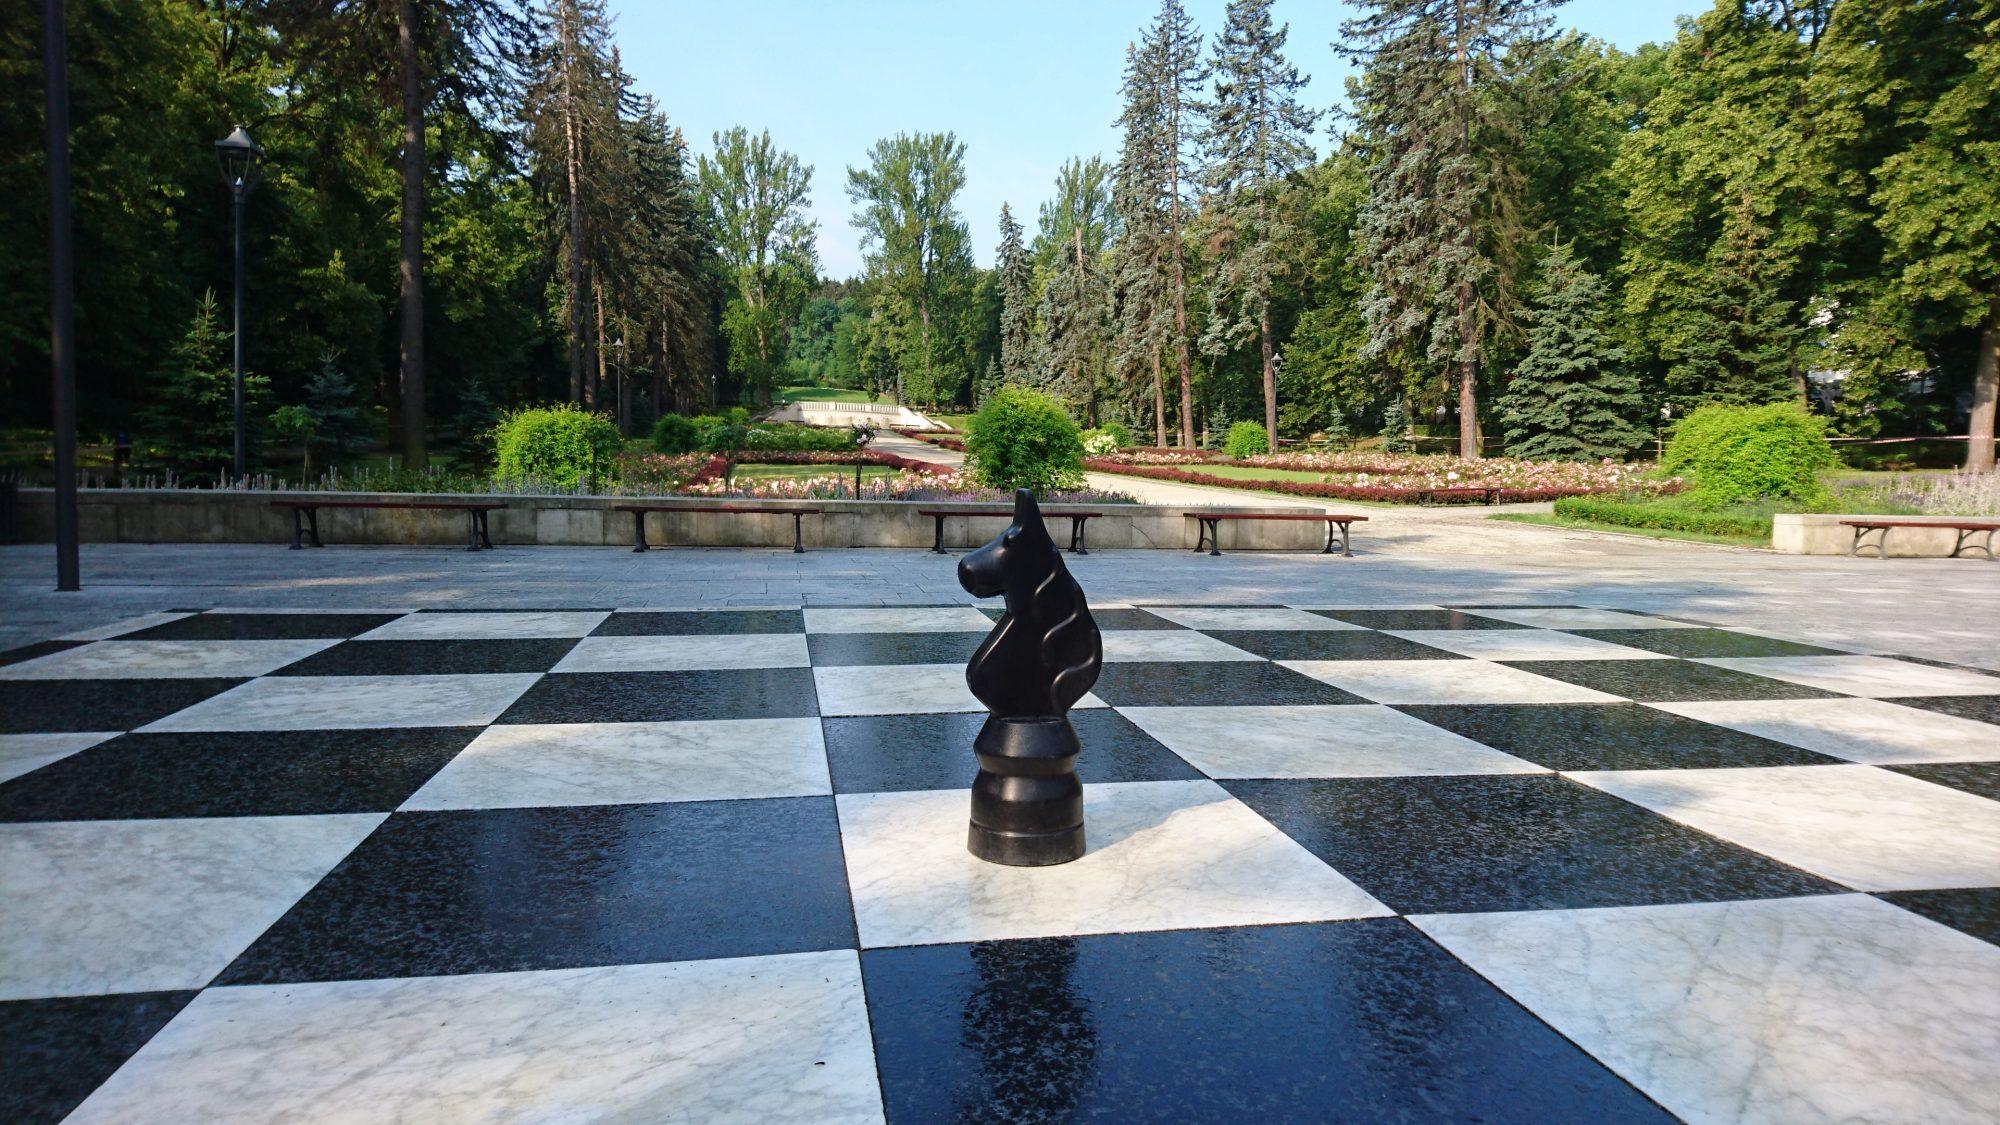 Schackparken Polanica Zdroj